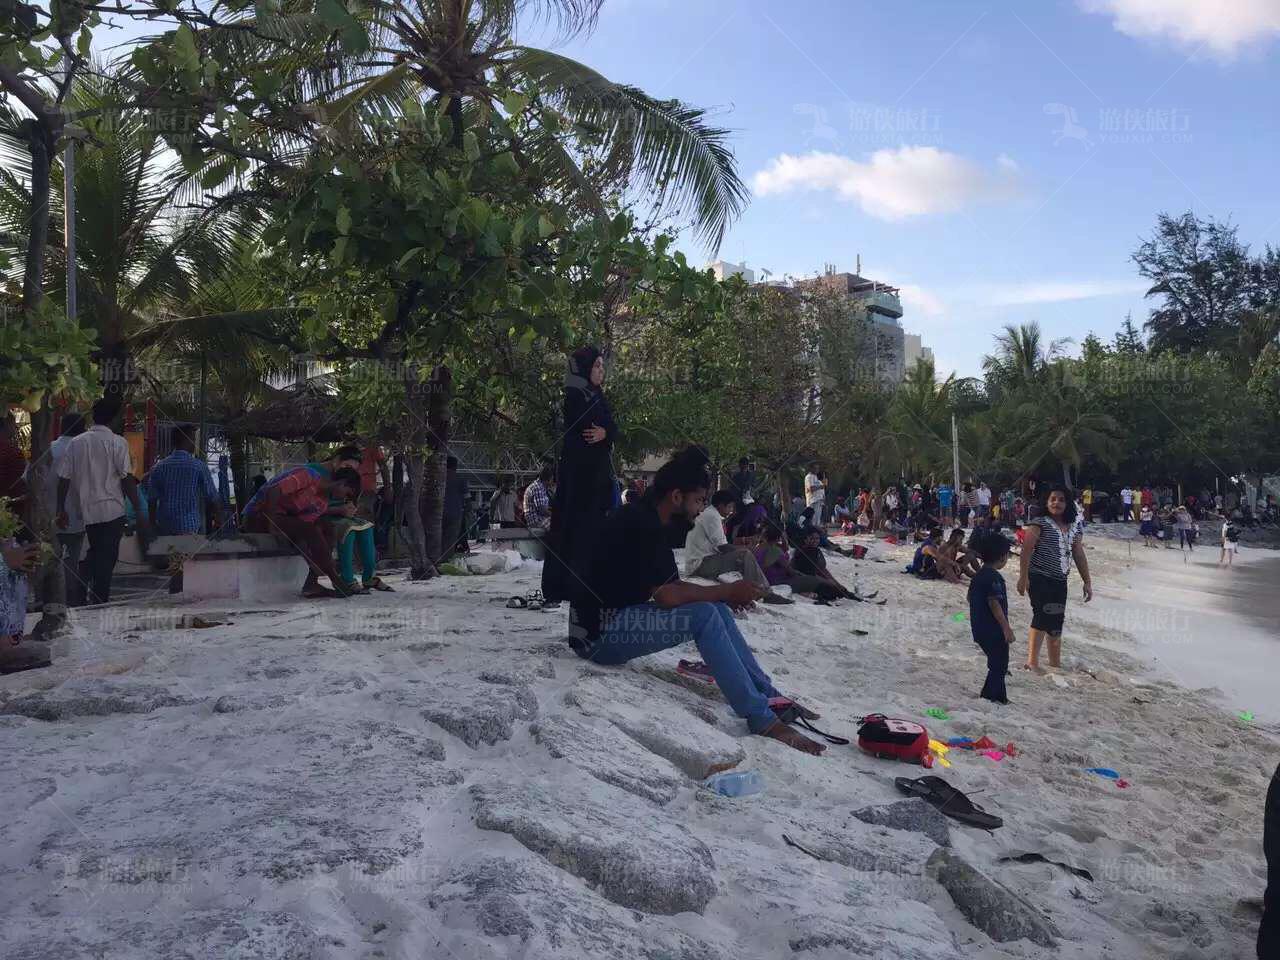 马累沙滩嬉戏的人们